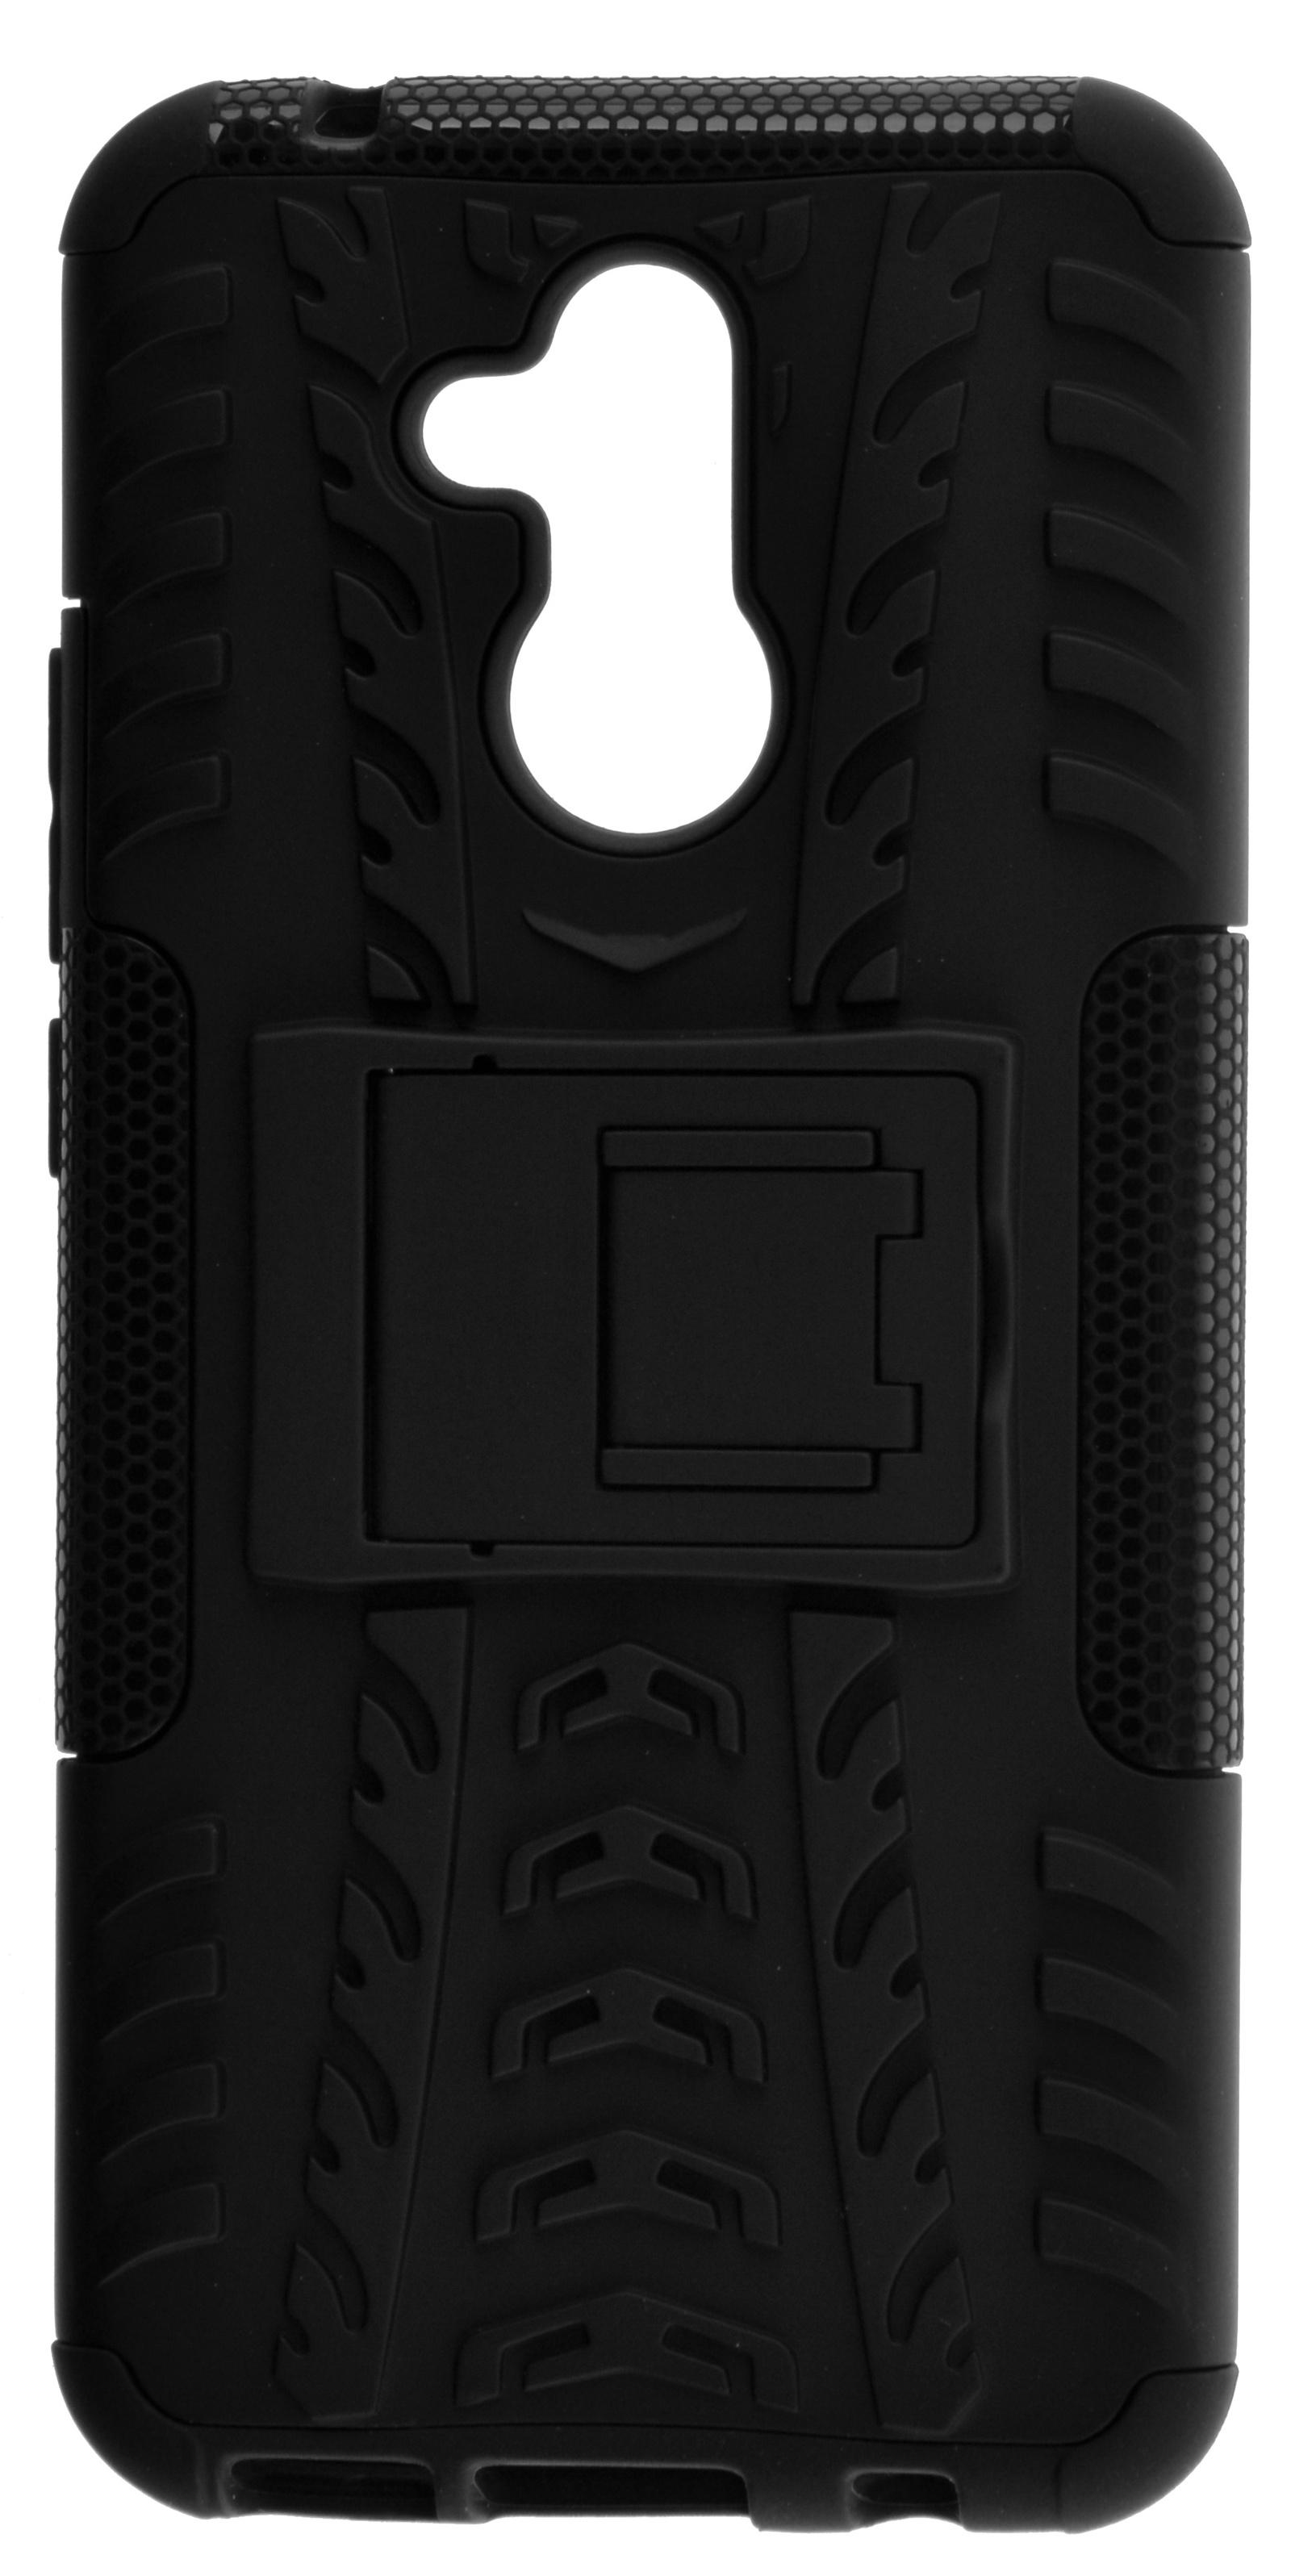 Накладка skinBOX Defender case для Huawei Mate 20 Lite, 4630042521391, черный смартфон huawei mate 20 lite 64 гб черный 51092qtt